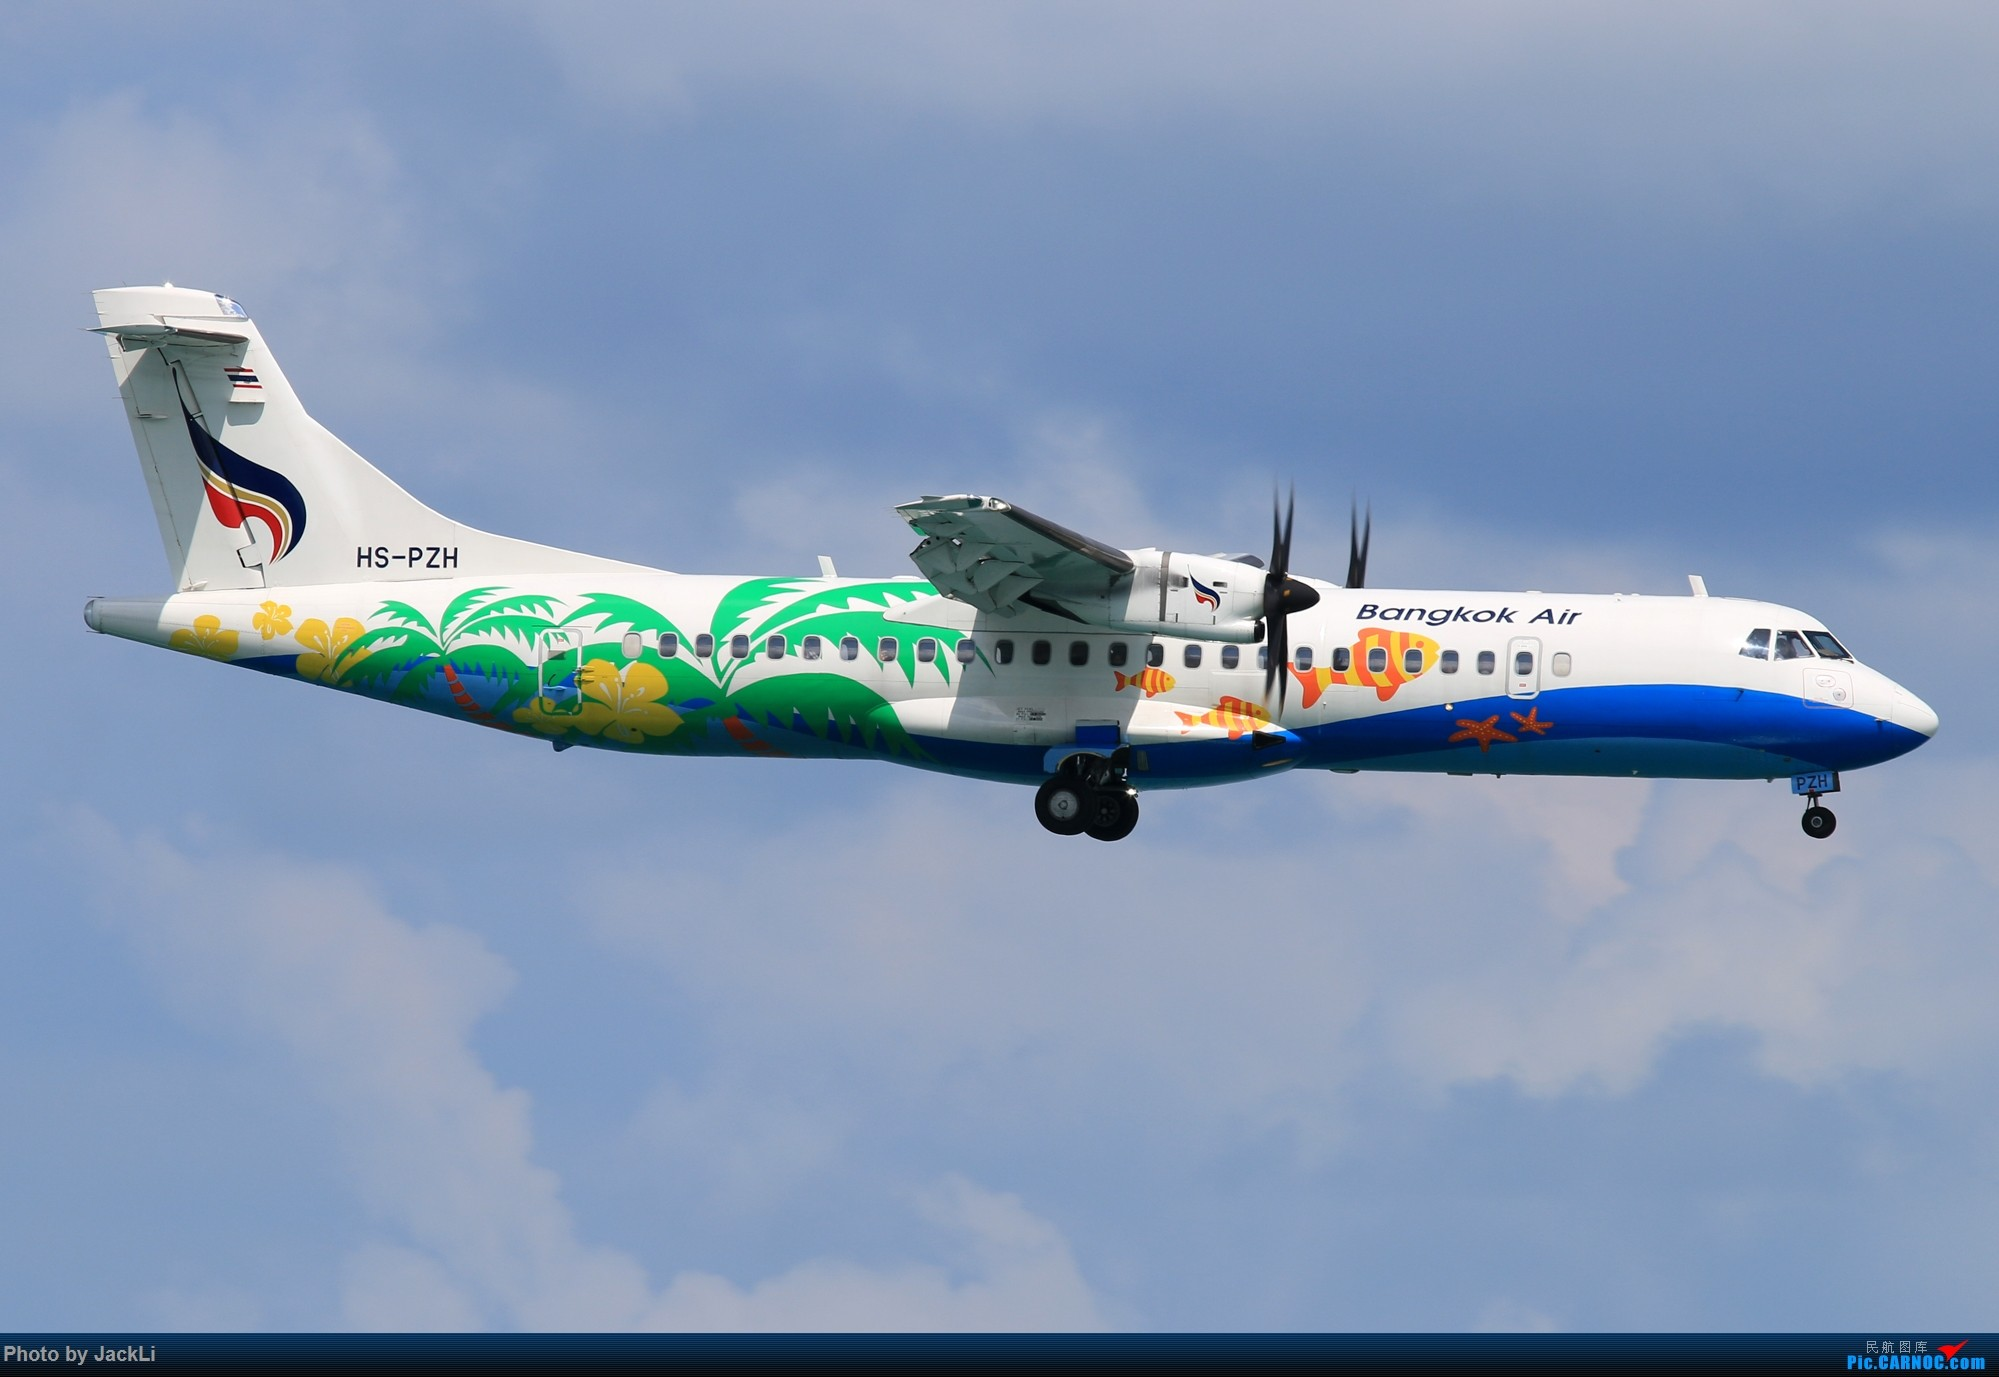 Re:[原创]【JackLi】亚洲圣马丁~普吉岛机场拍机 ATR-72 HS-PZH 泰国普吉机场